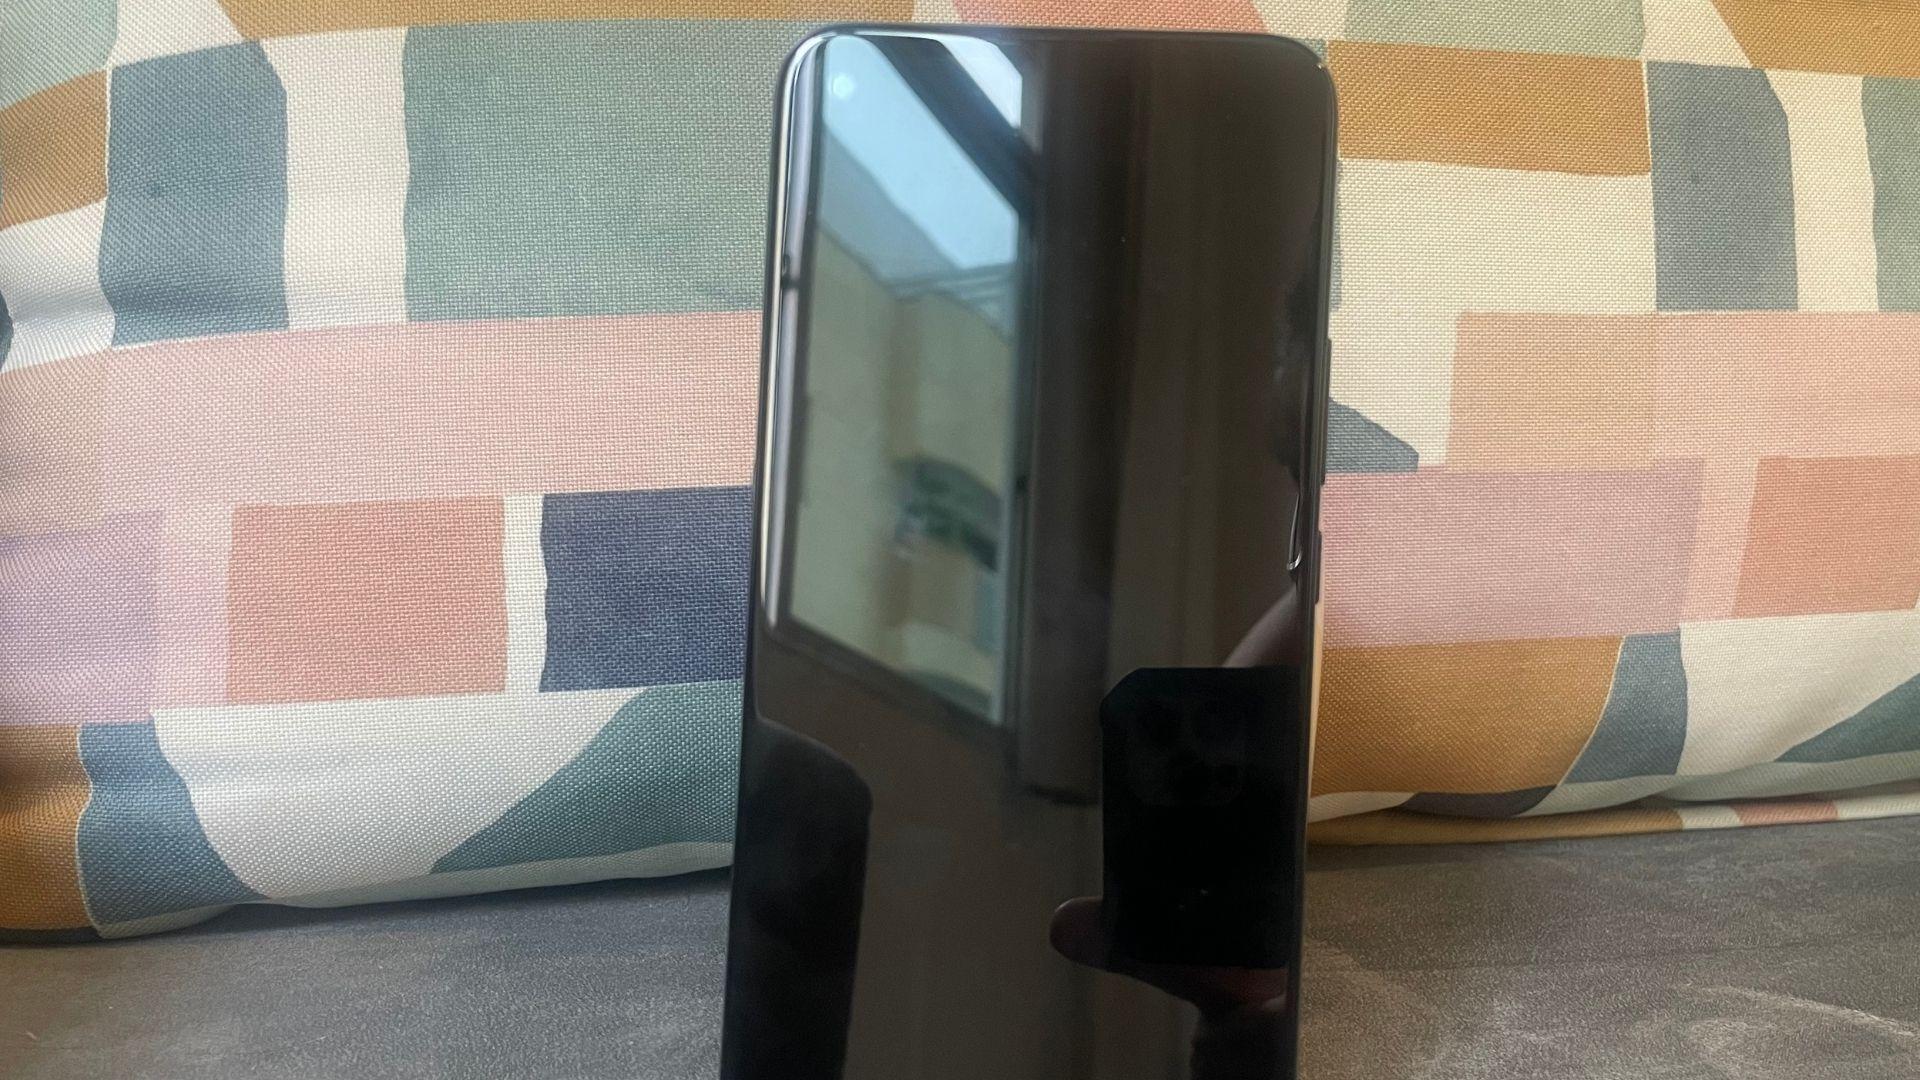 Moto G9 Power: um celular com tela gigante (Foto: Gabriel Fricke / Zoom)